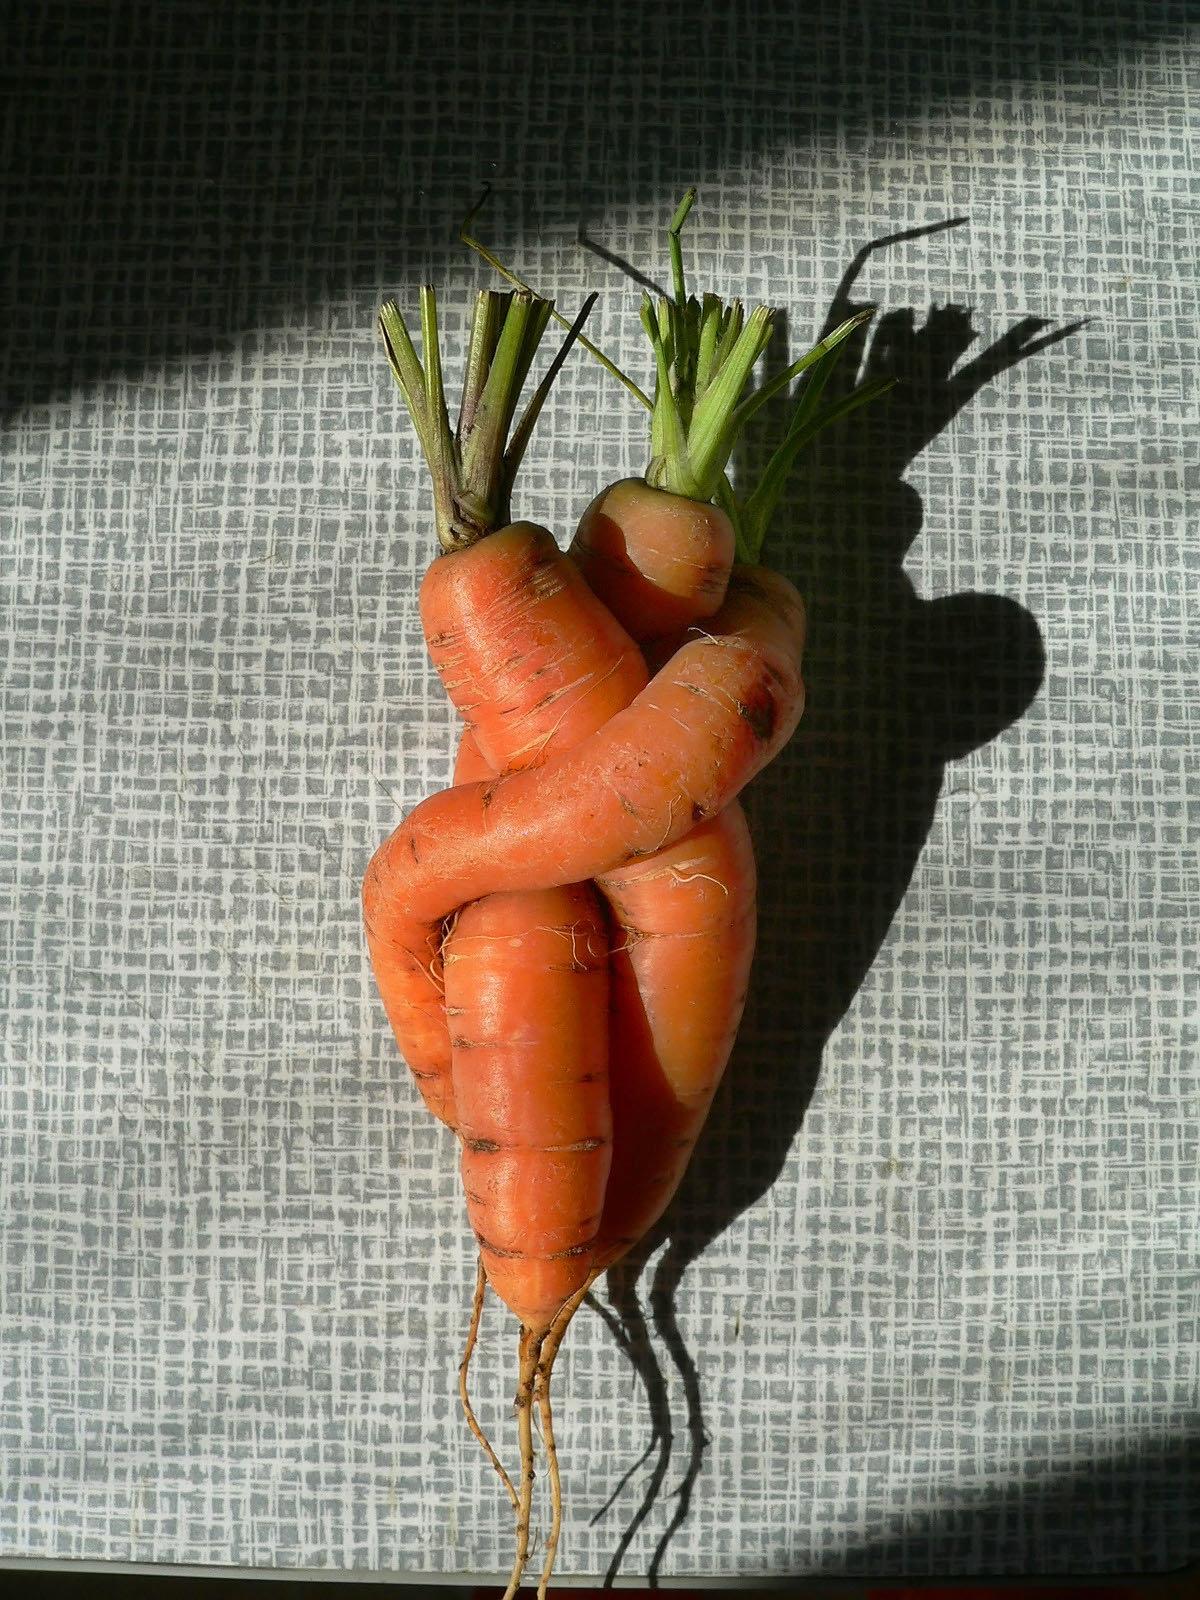 Морковка прикольная картинка, марта лошадью